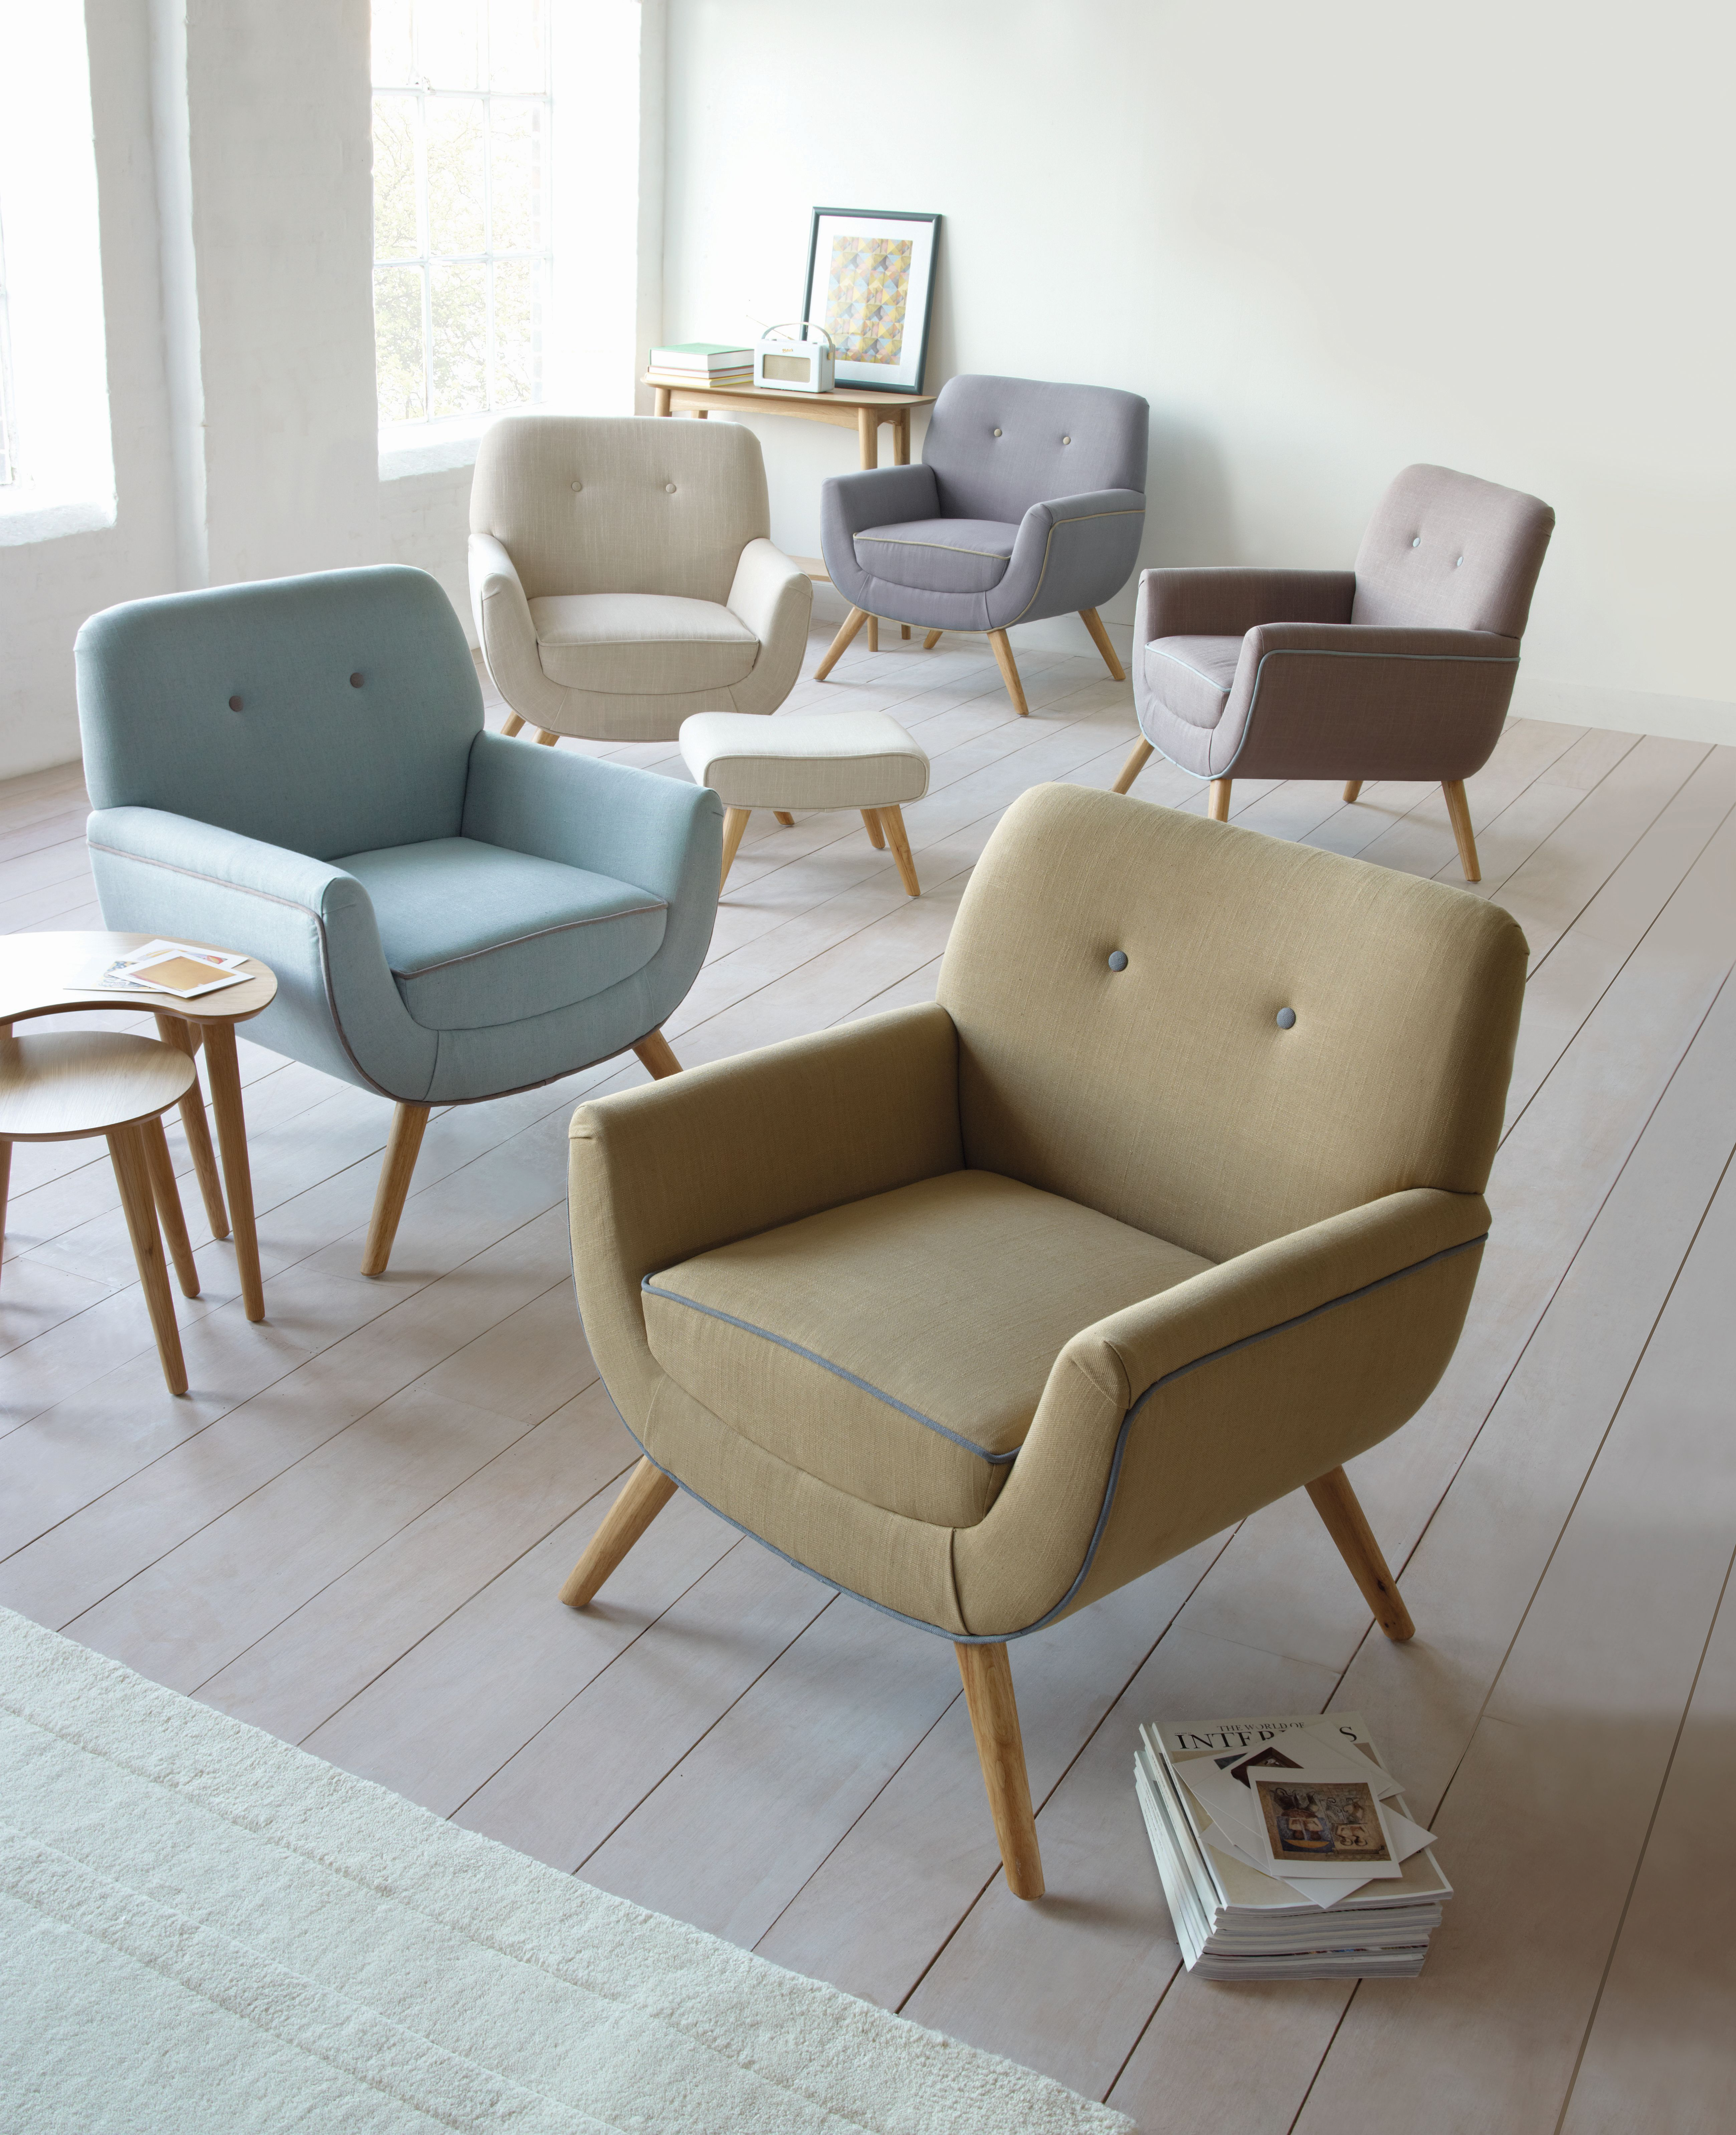 ss14 skandi chair and footstool natural 5199—6395